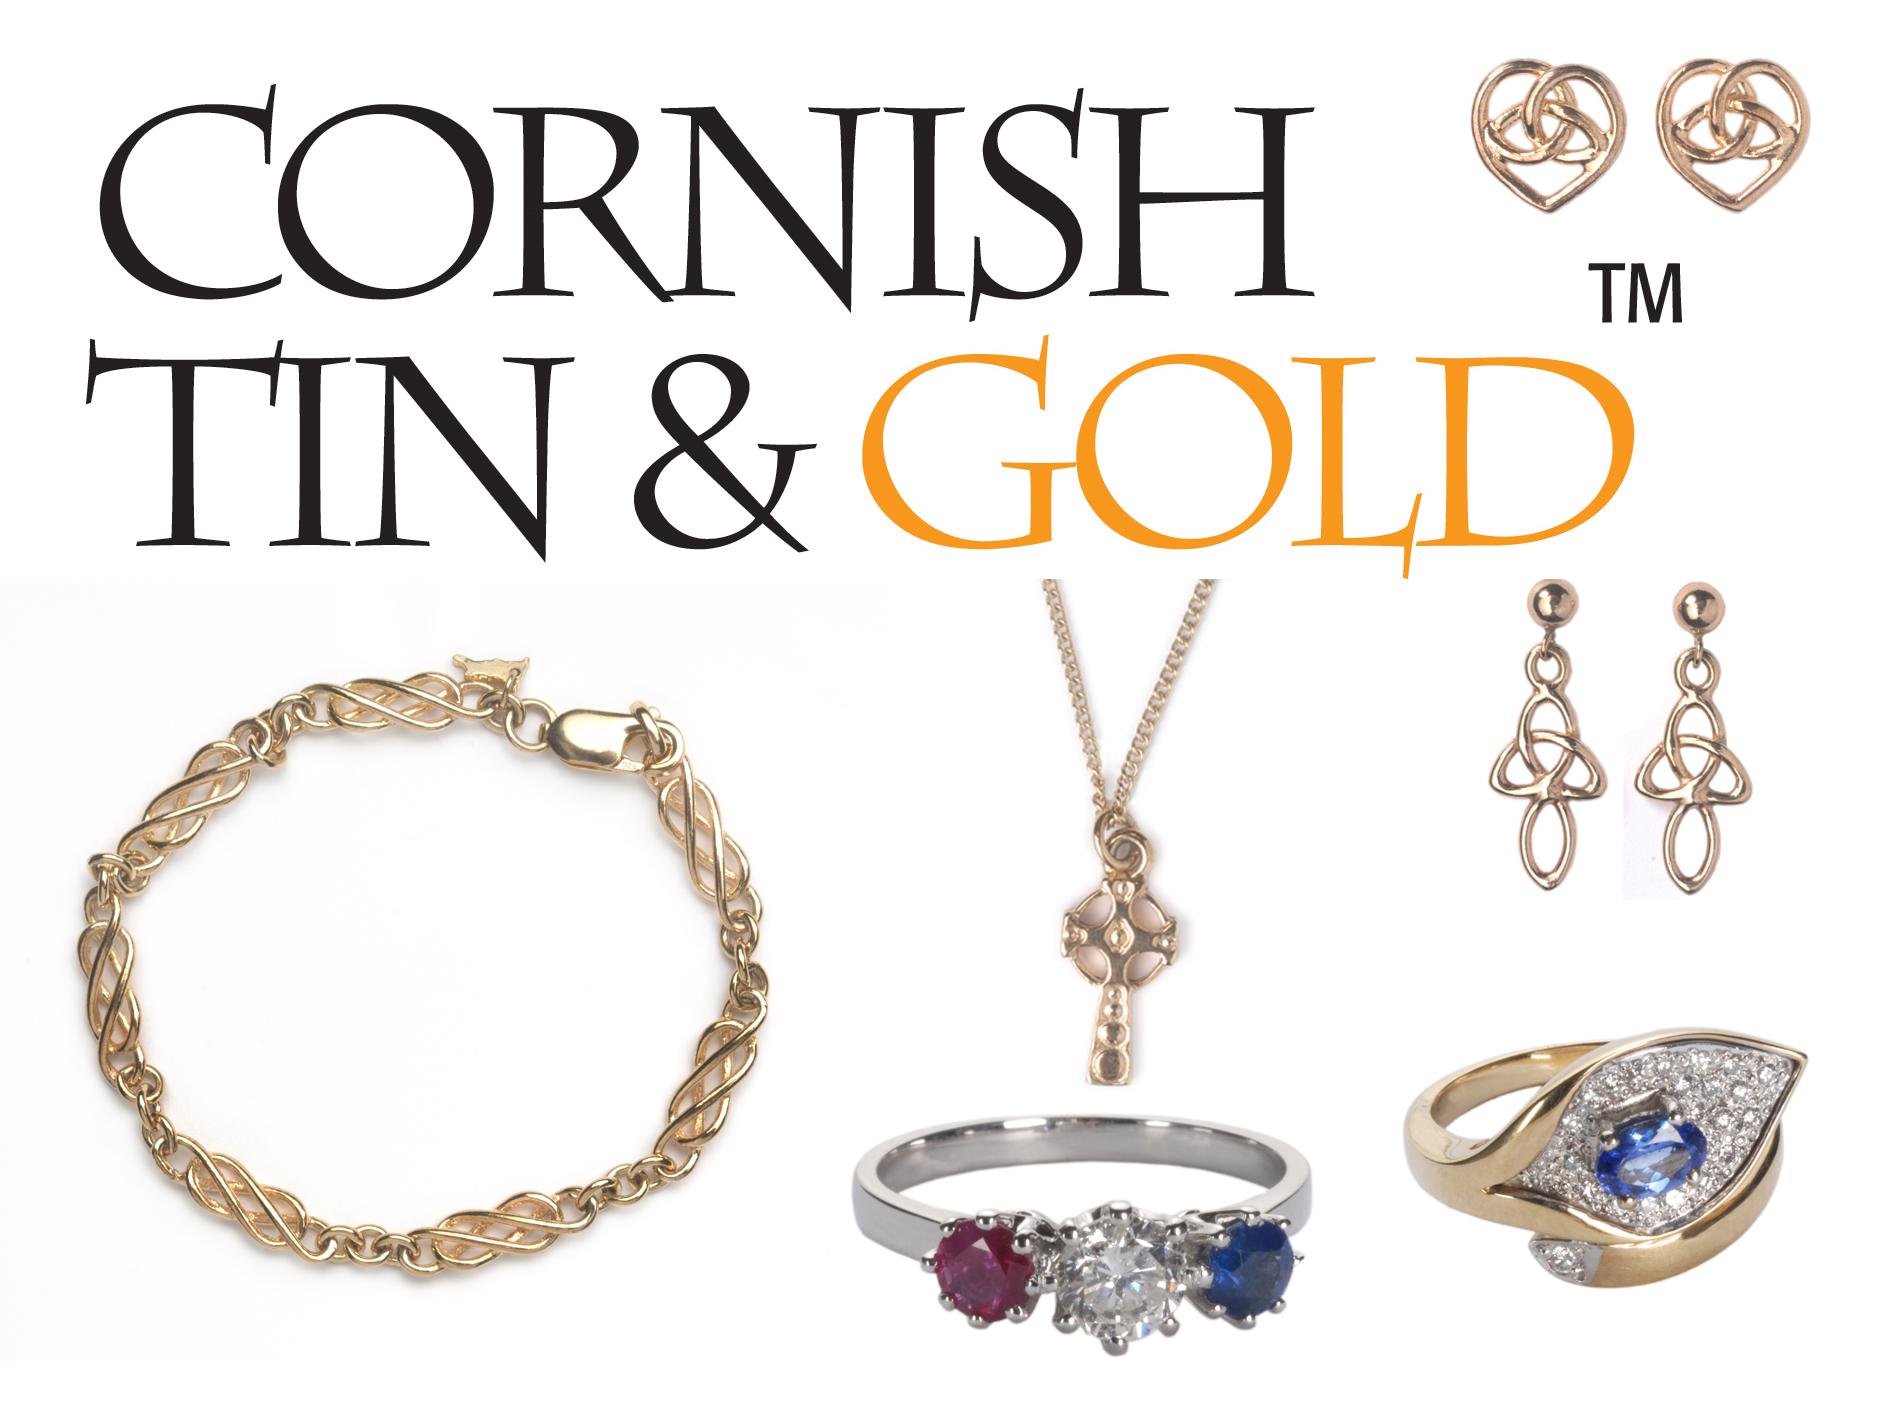 Cornish tin & gold logo